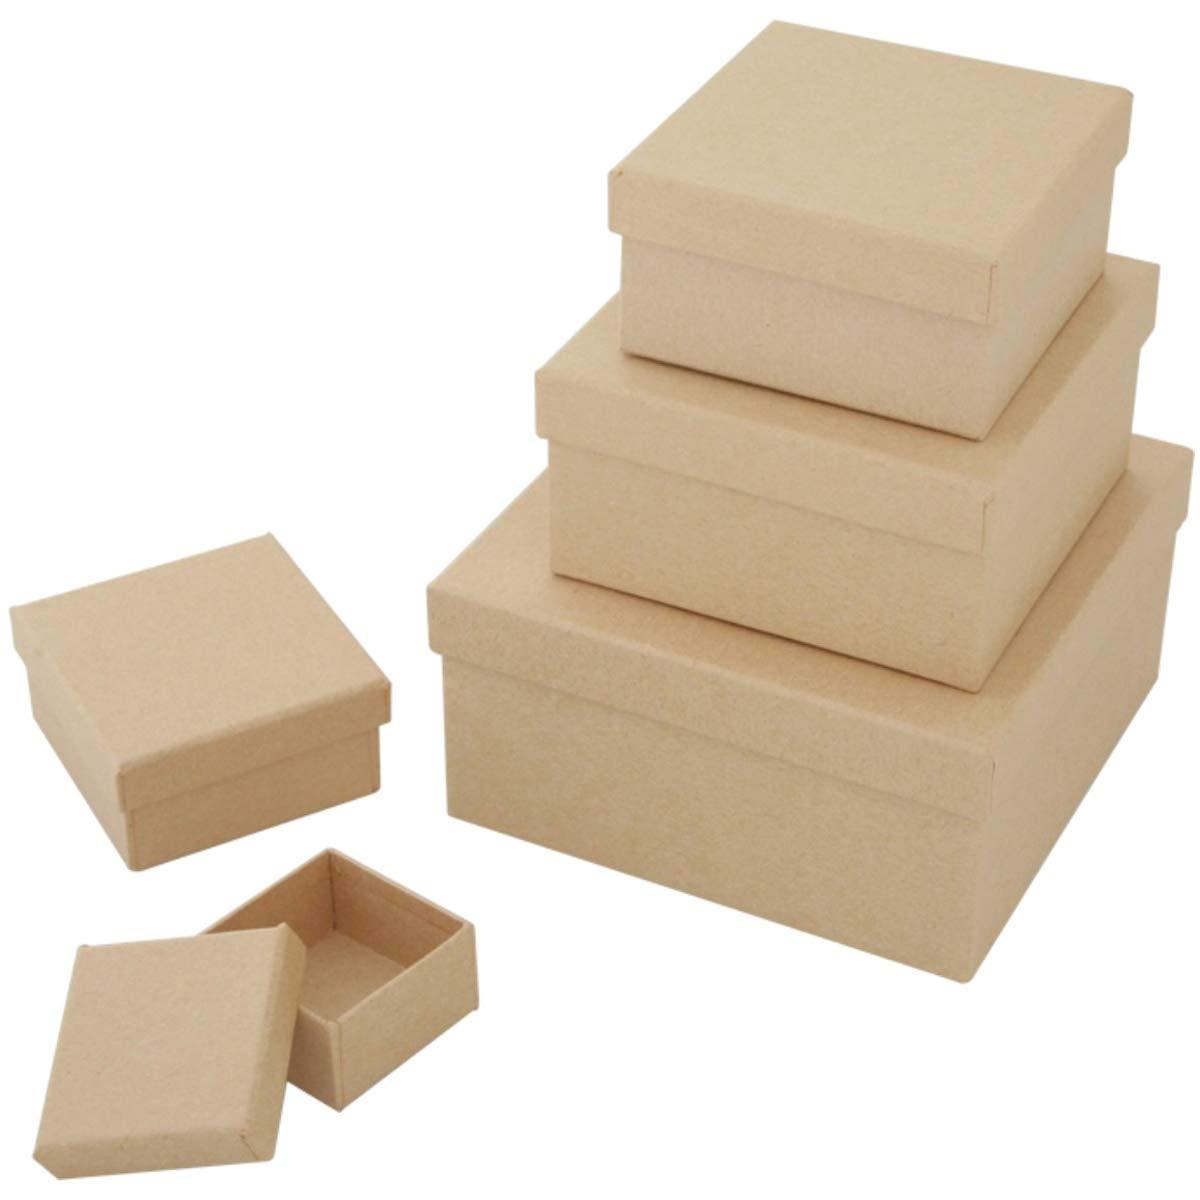 Art Alternatives MVPM06201 Paper-Mache Square Box Set 5//Pkg